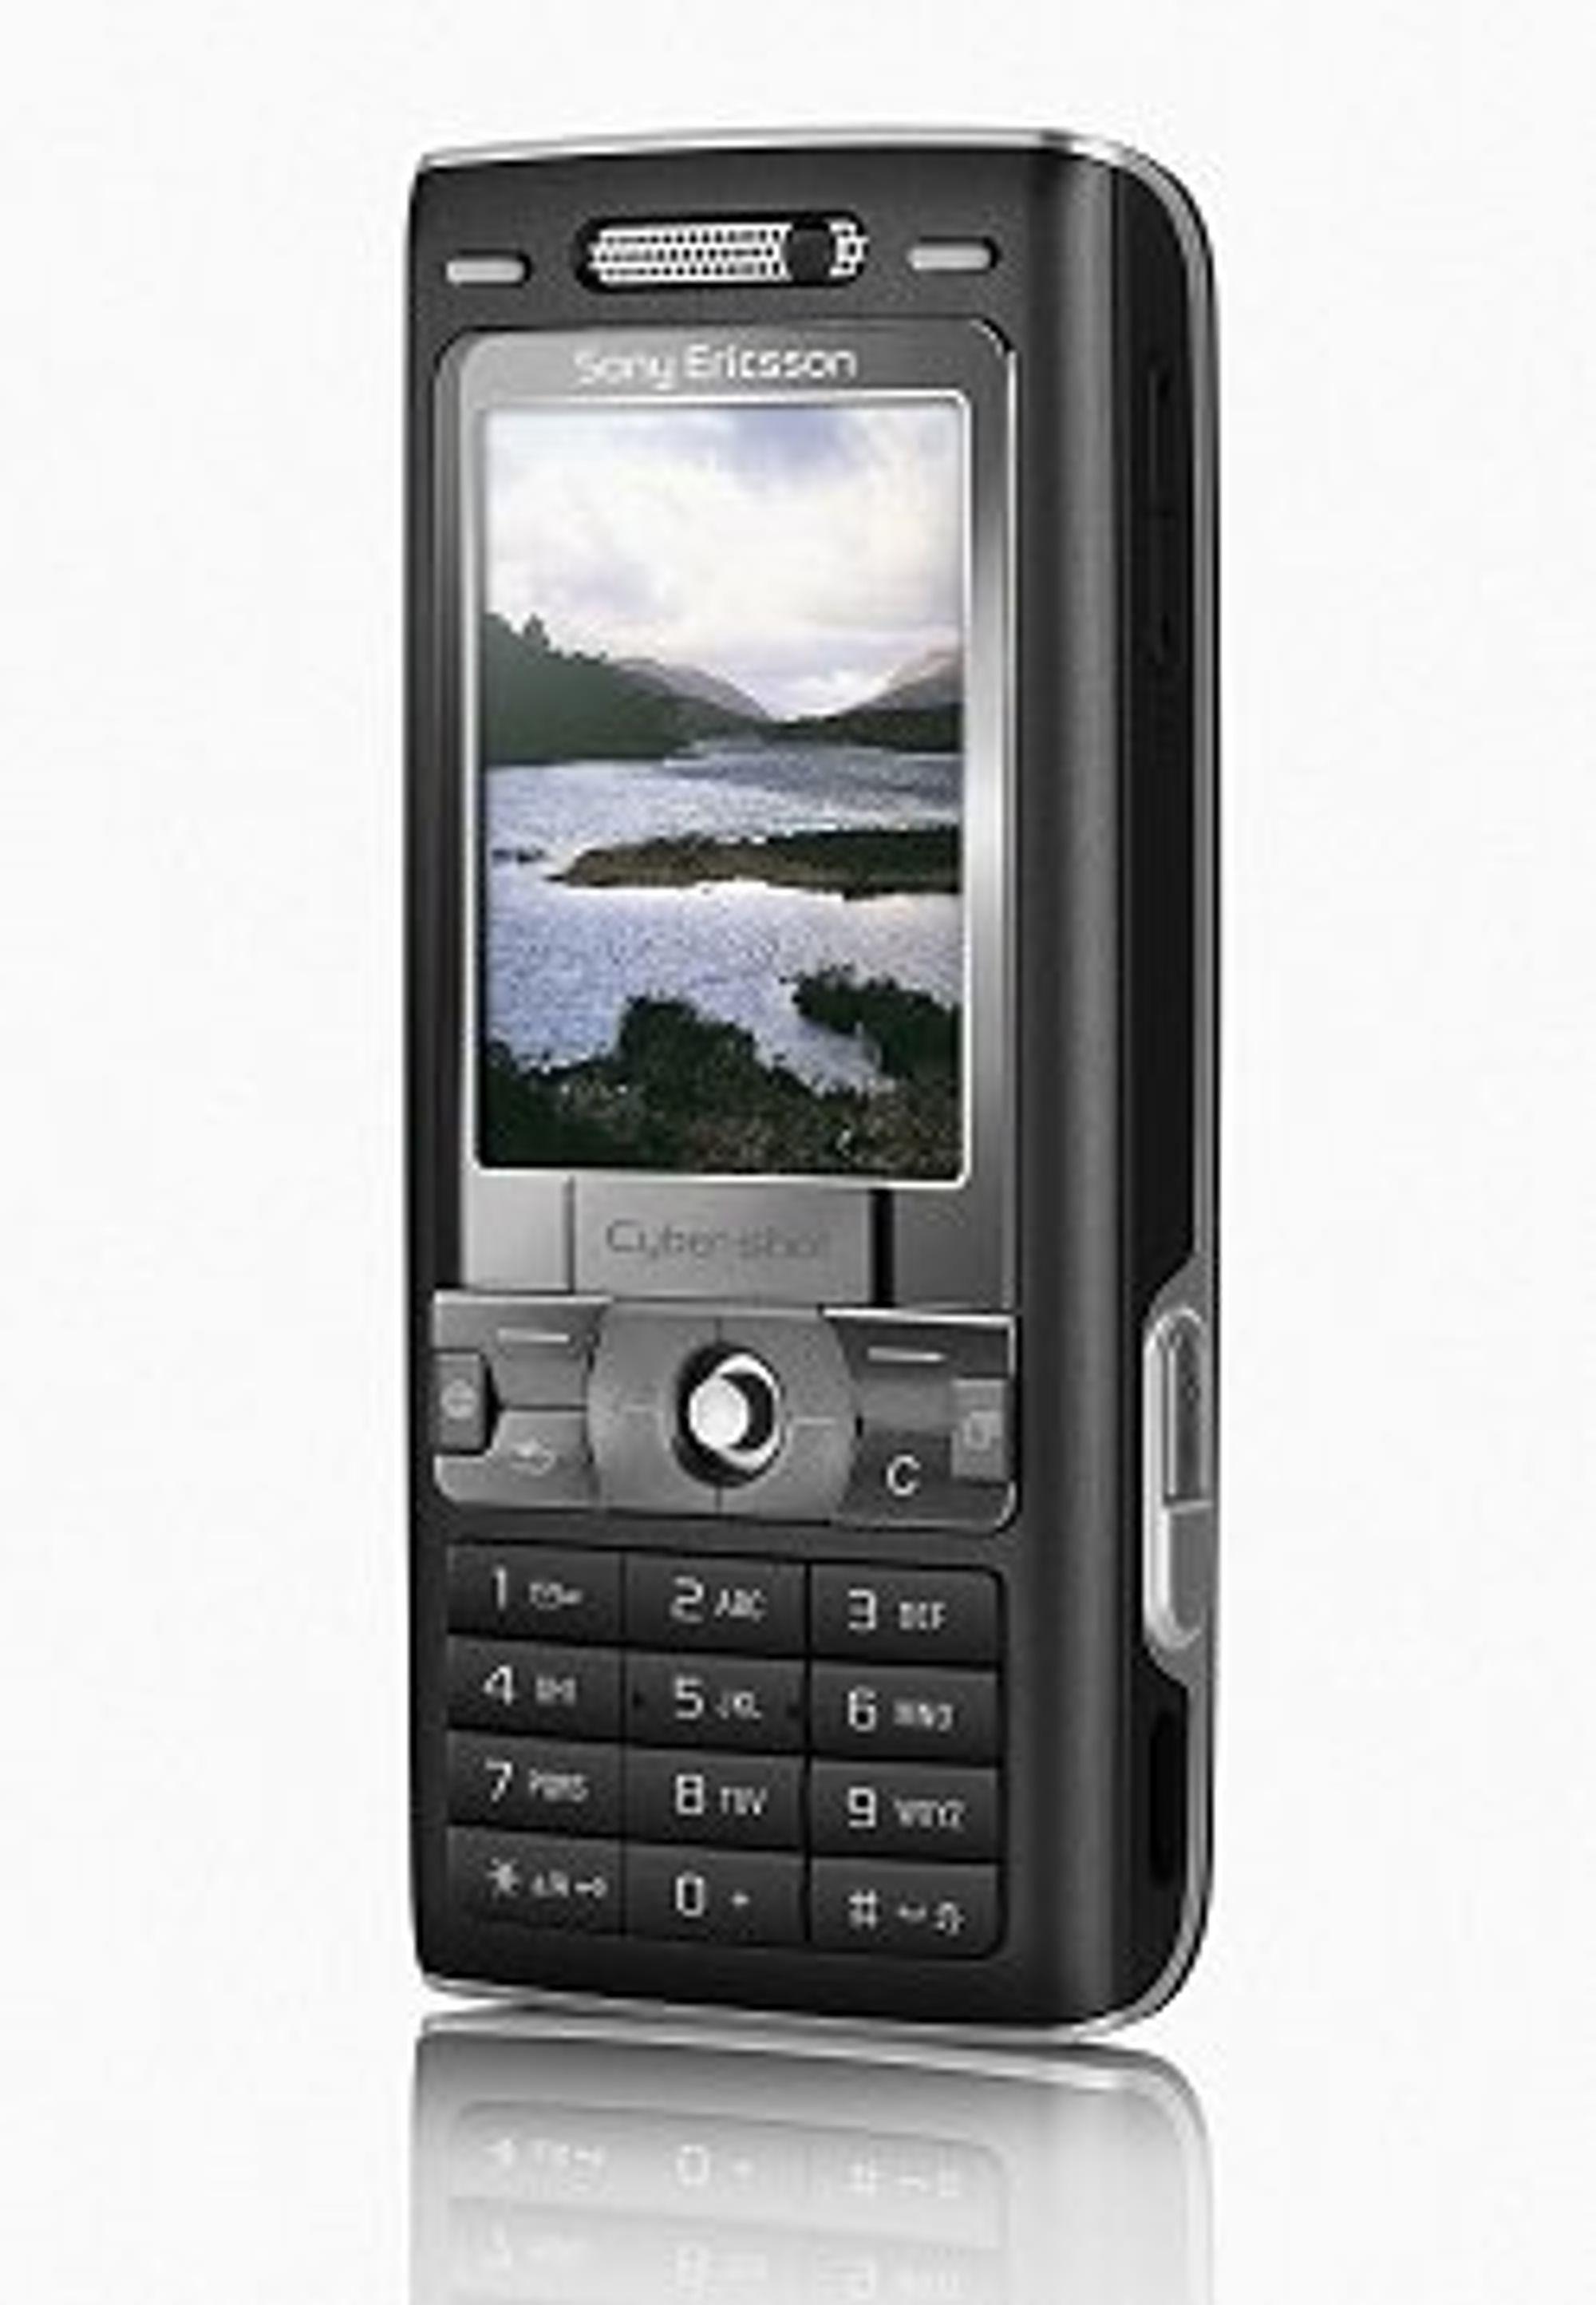 verdens beste mobil dildo test